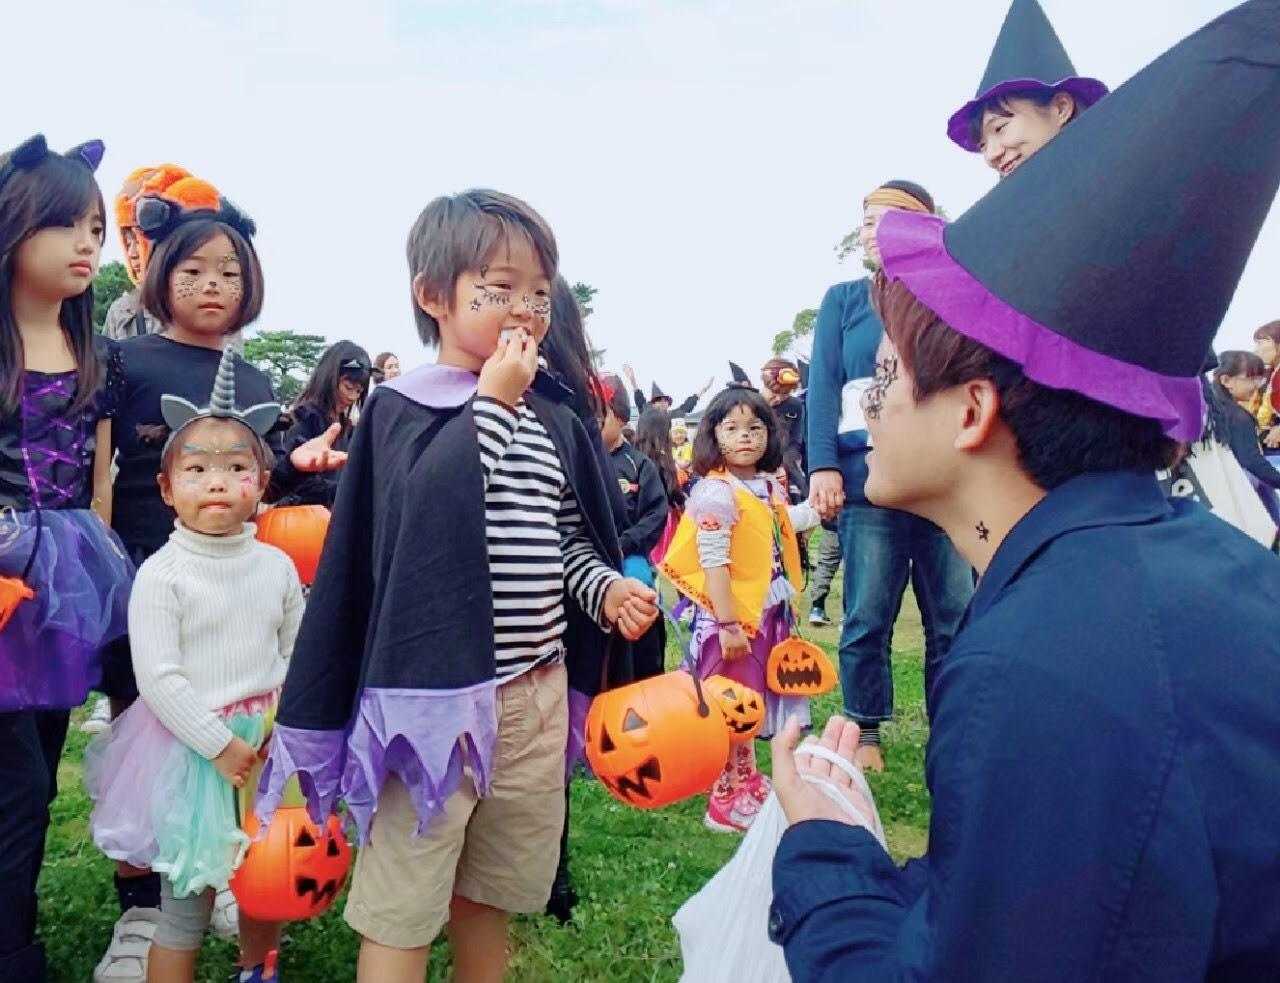 TETTE会のハロウィンパーティーにて学生が子供にお菓子をあげている写真